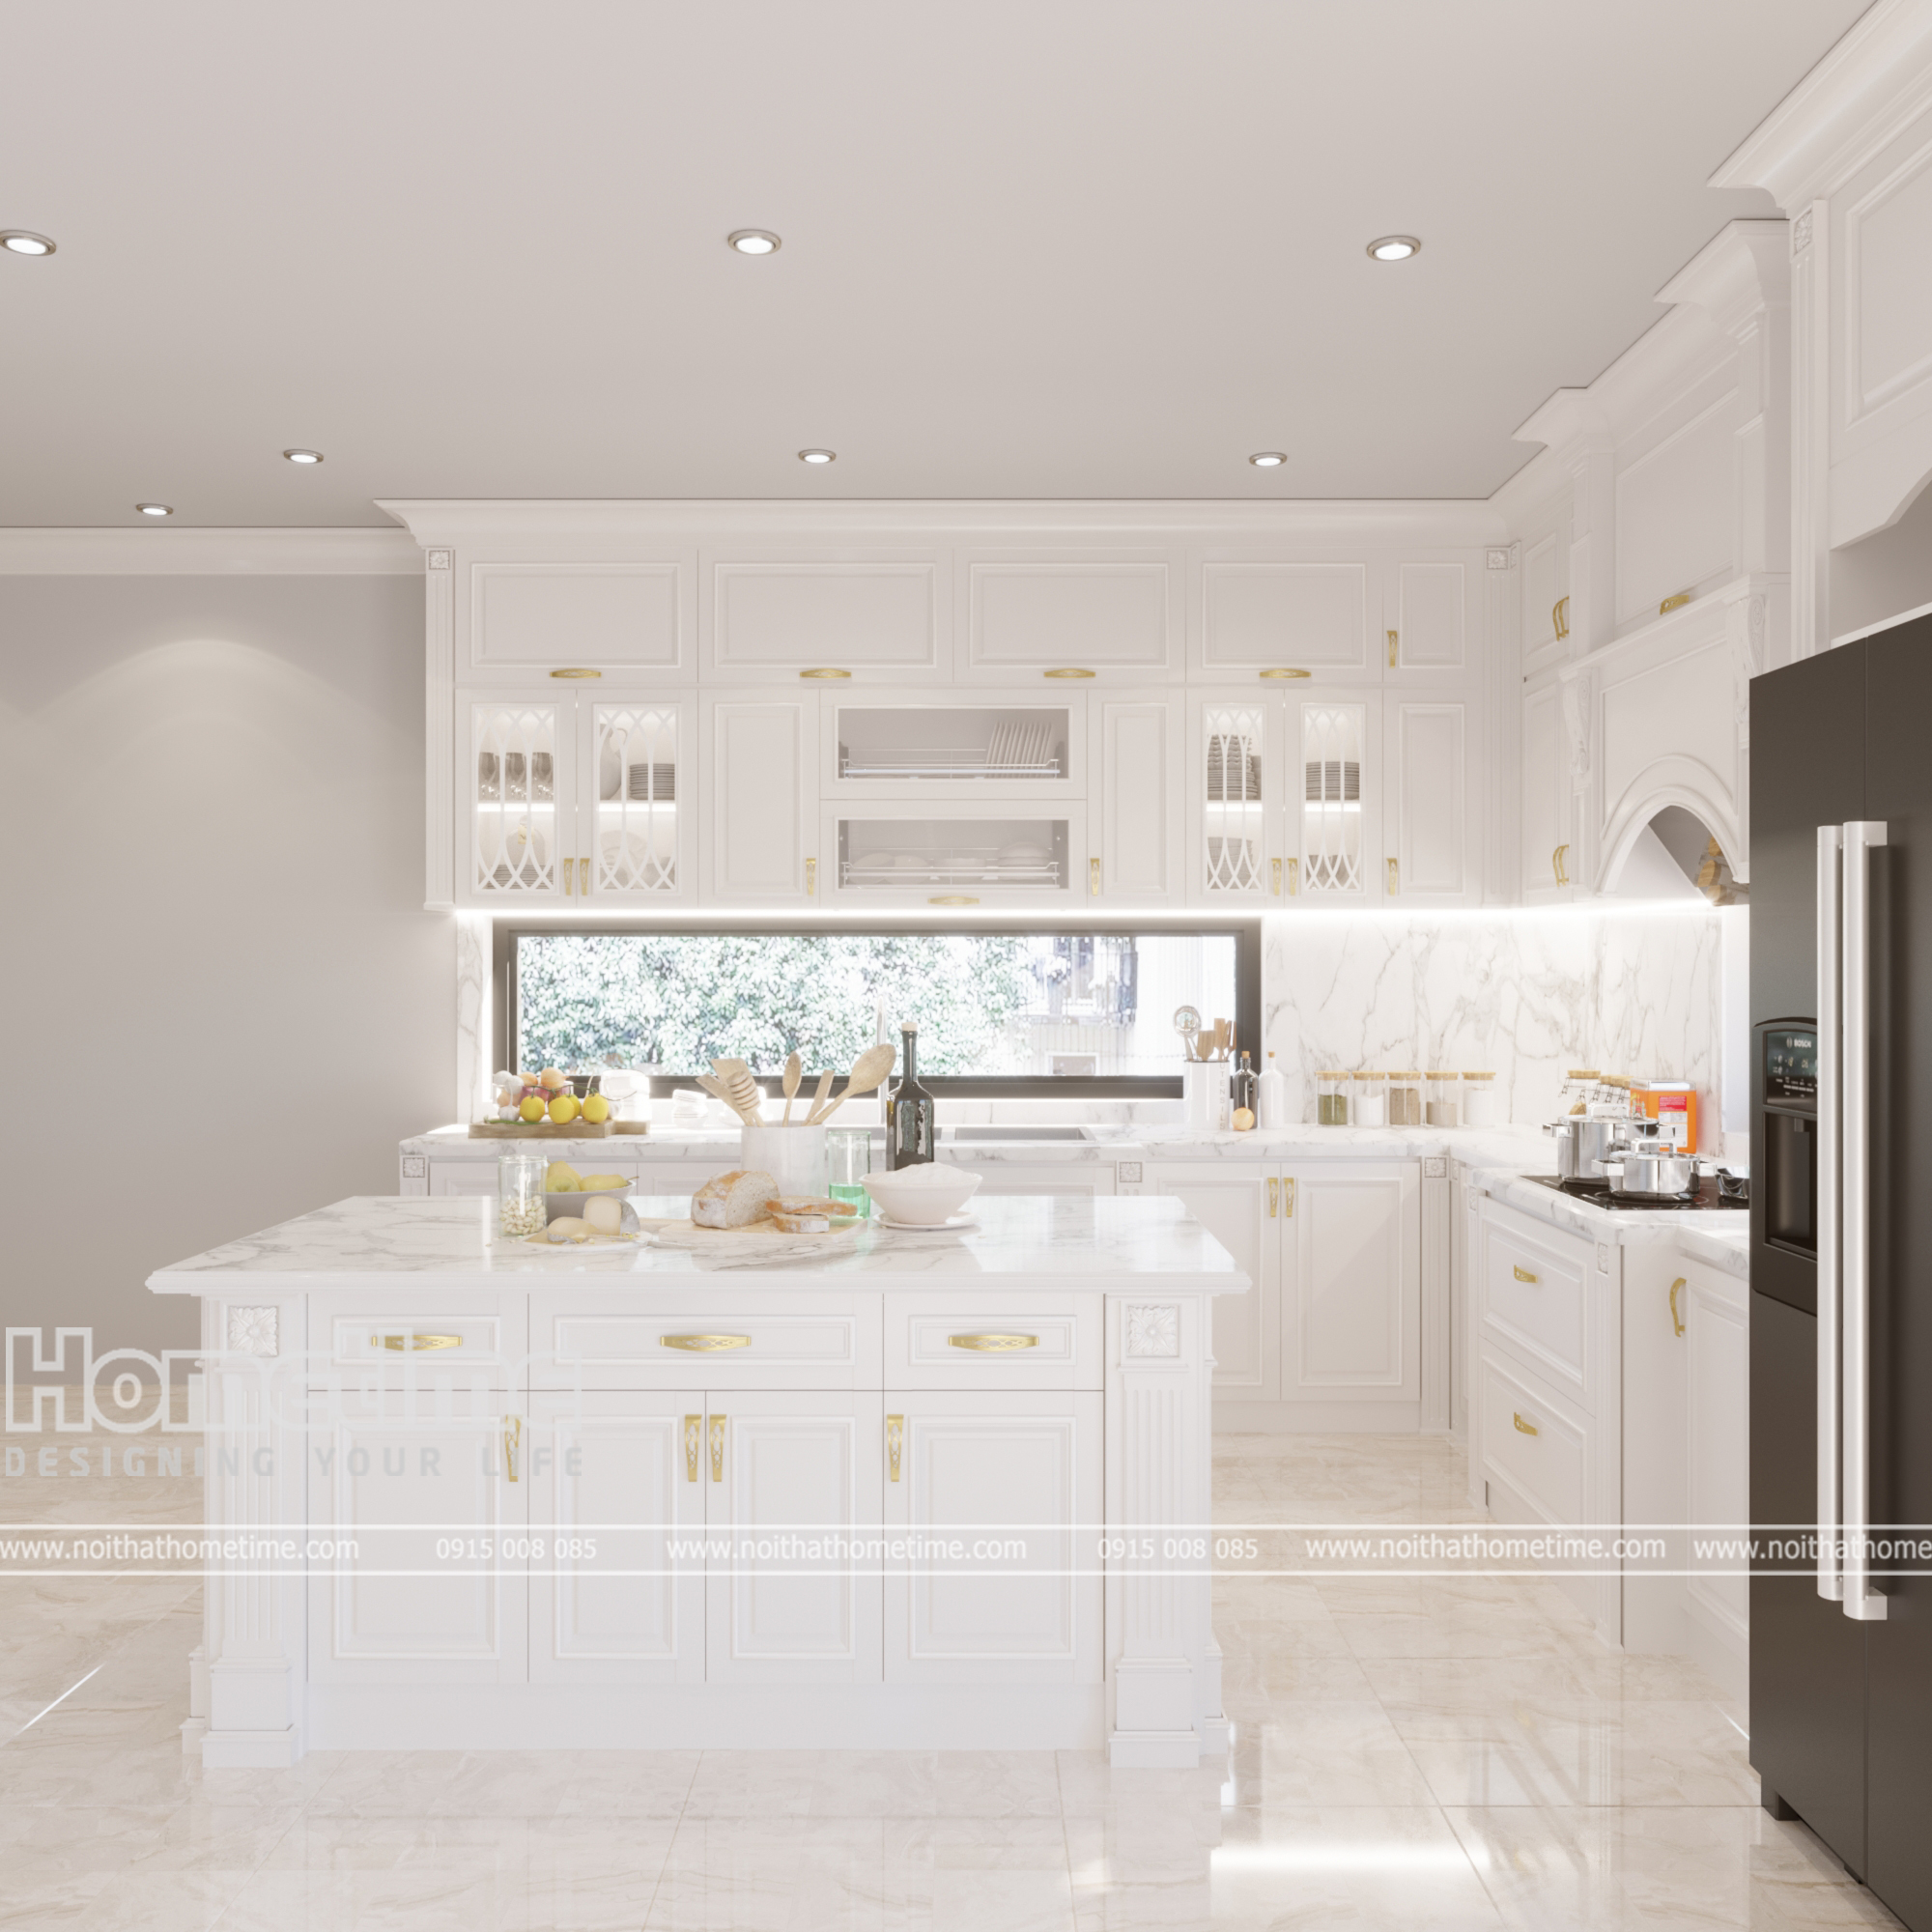 Thiết kế bàn đảo tủ bếp tiện nghi trong gia đình